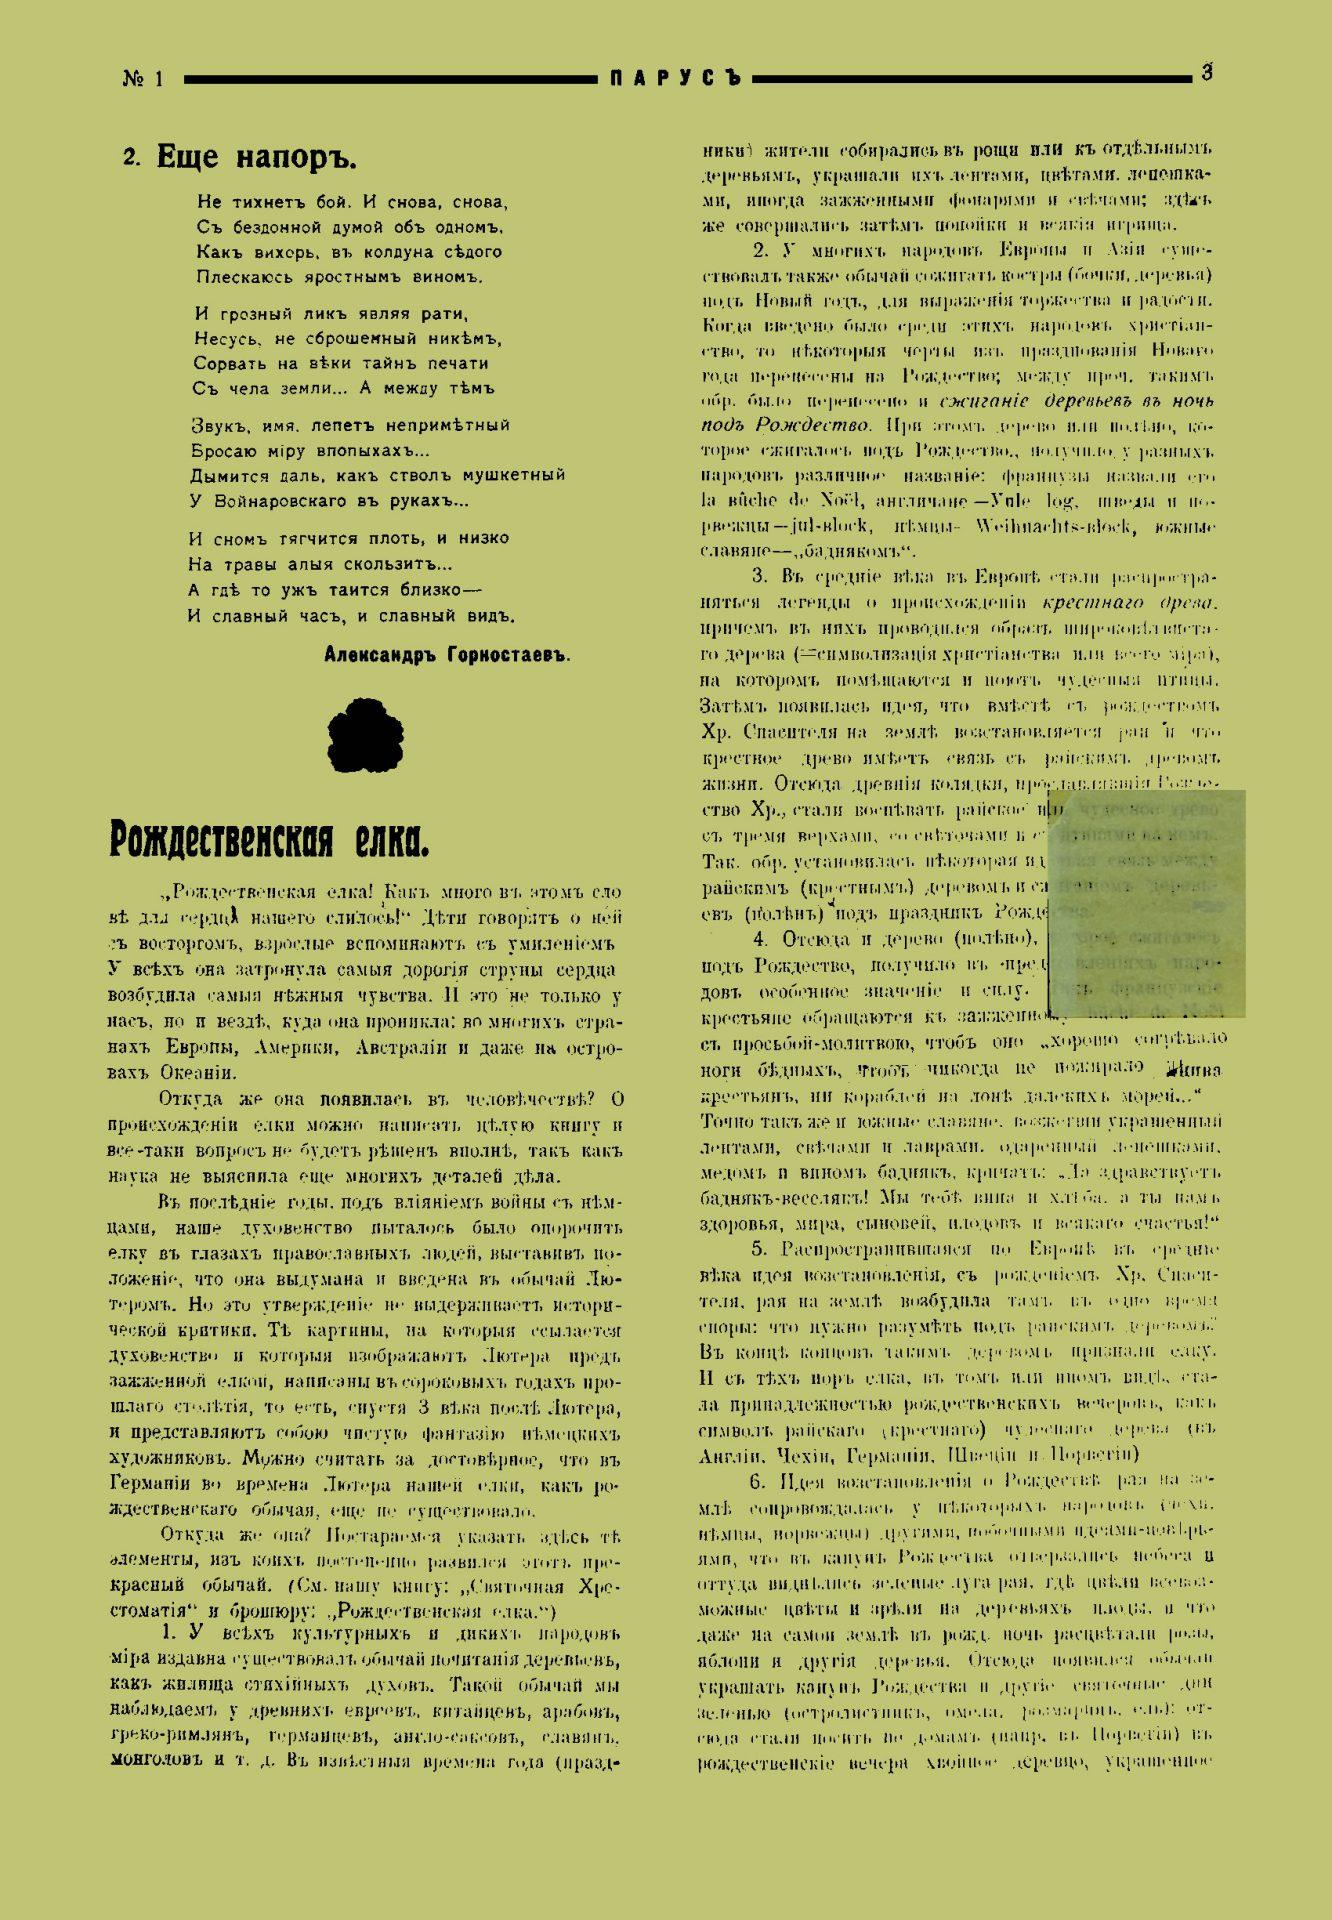 Парус_1919_№1